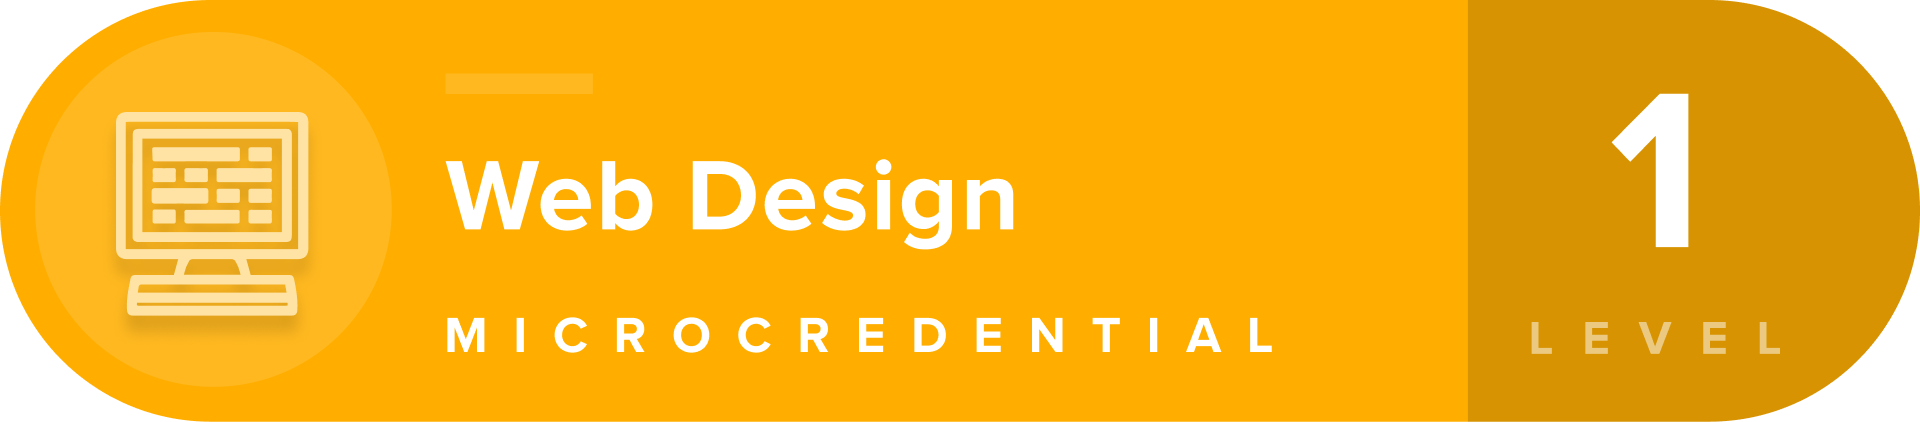 Web Design microcredentials level 1 badge